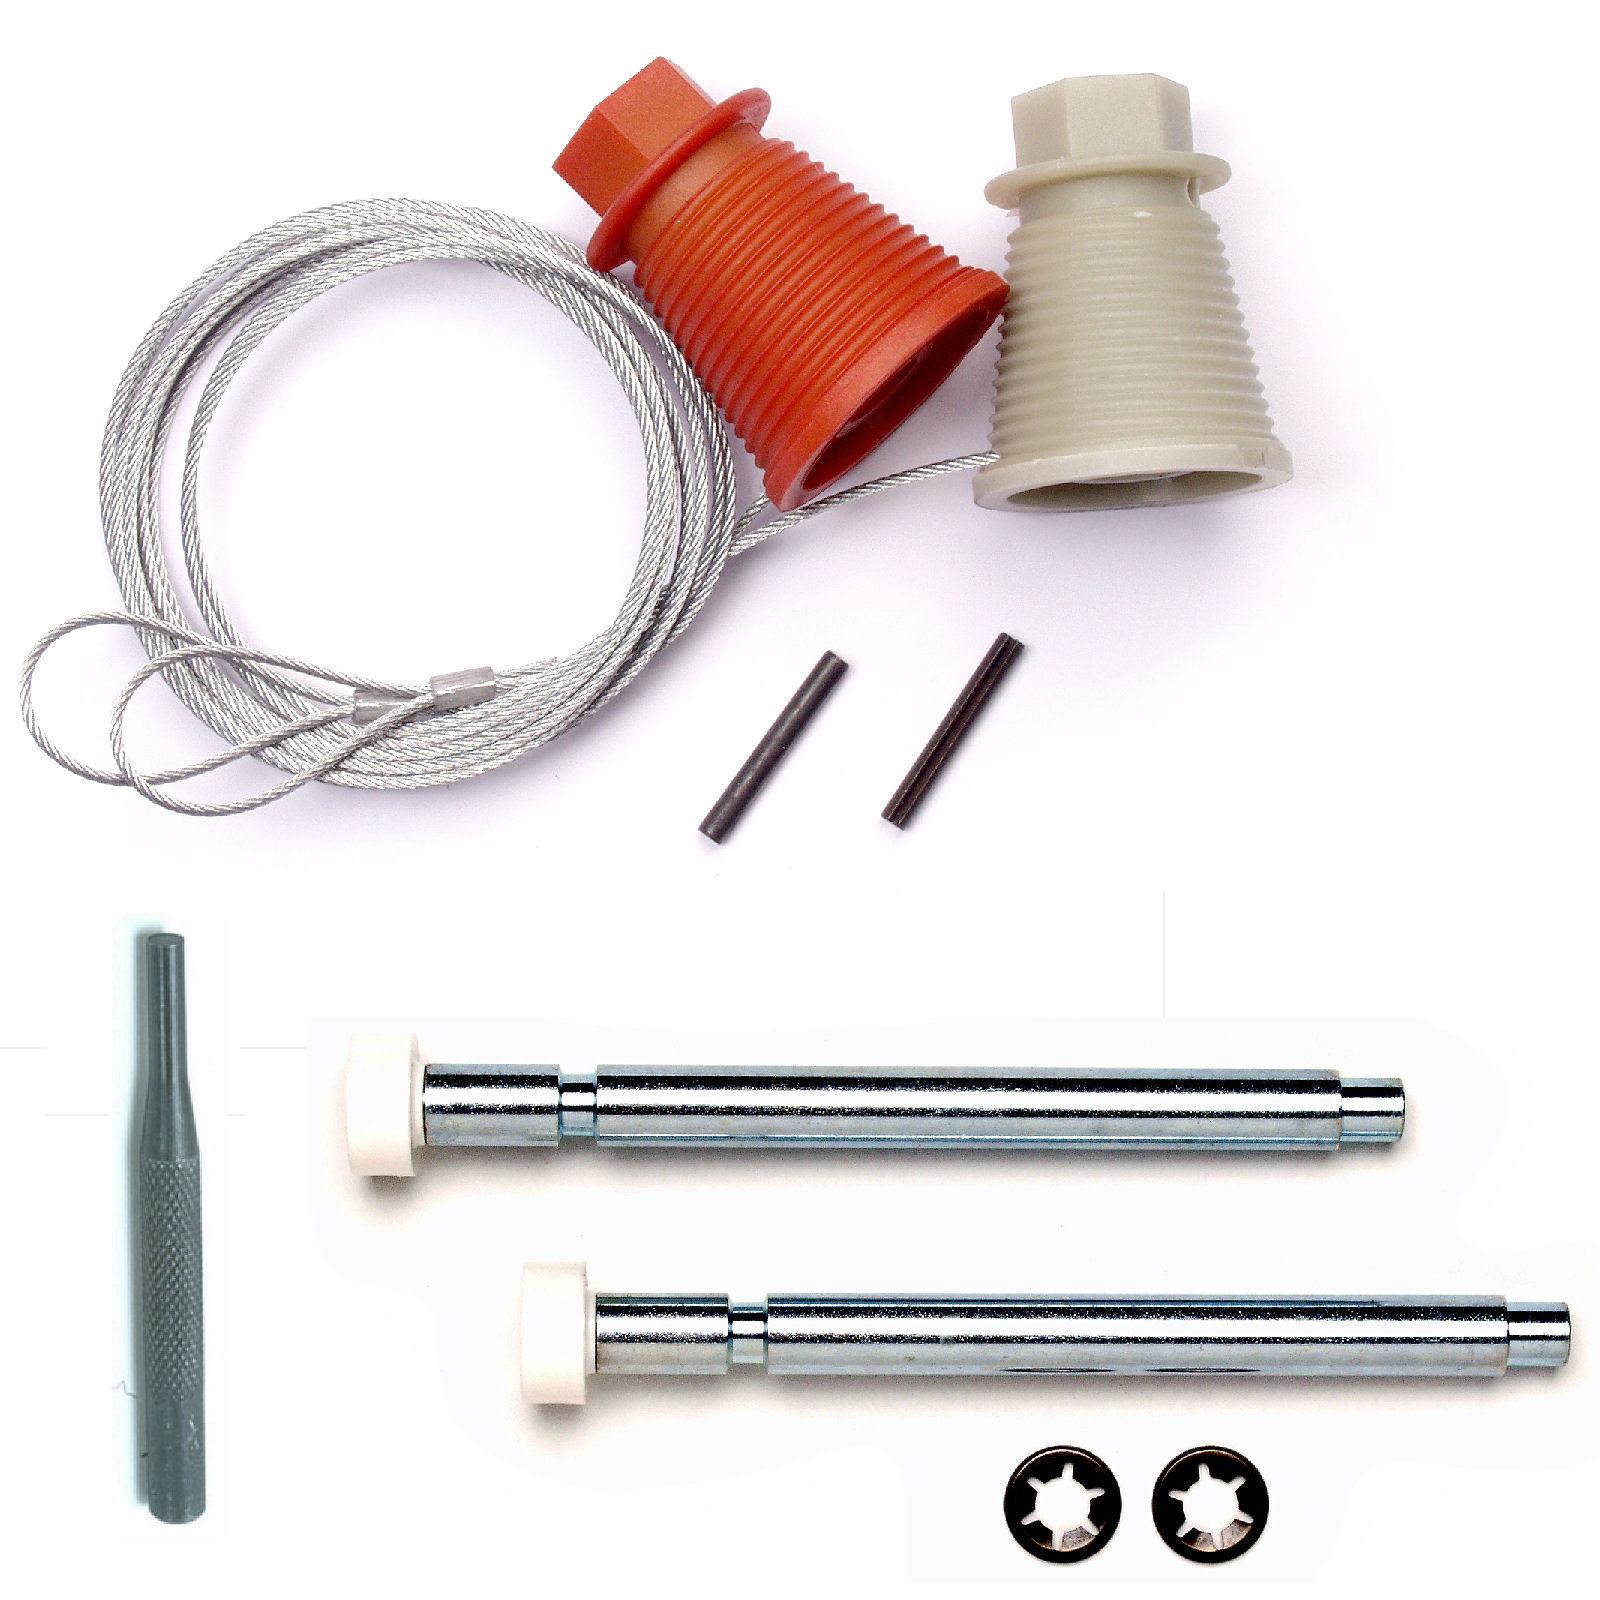 Cardale Wickes conos de Repuestos CD45 Kit de reparación de ejes de cables Rodillos Puerta De Garaje